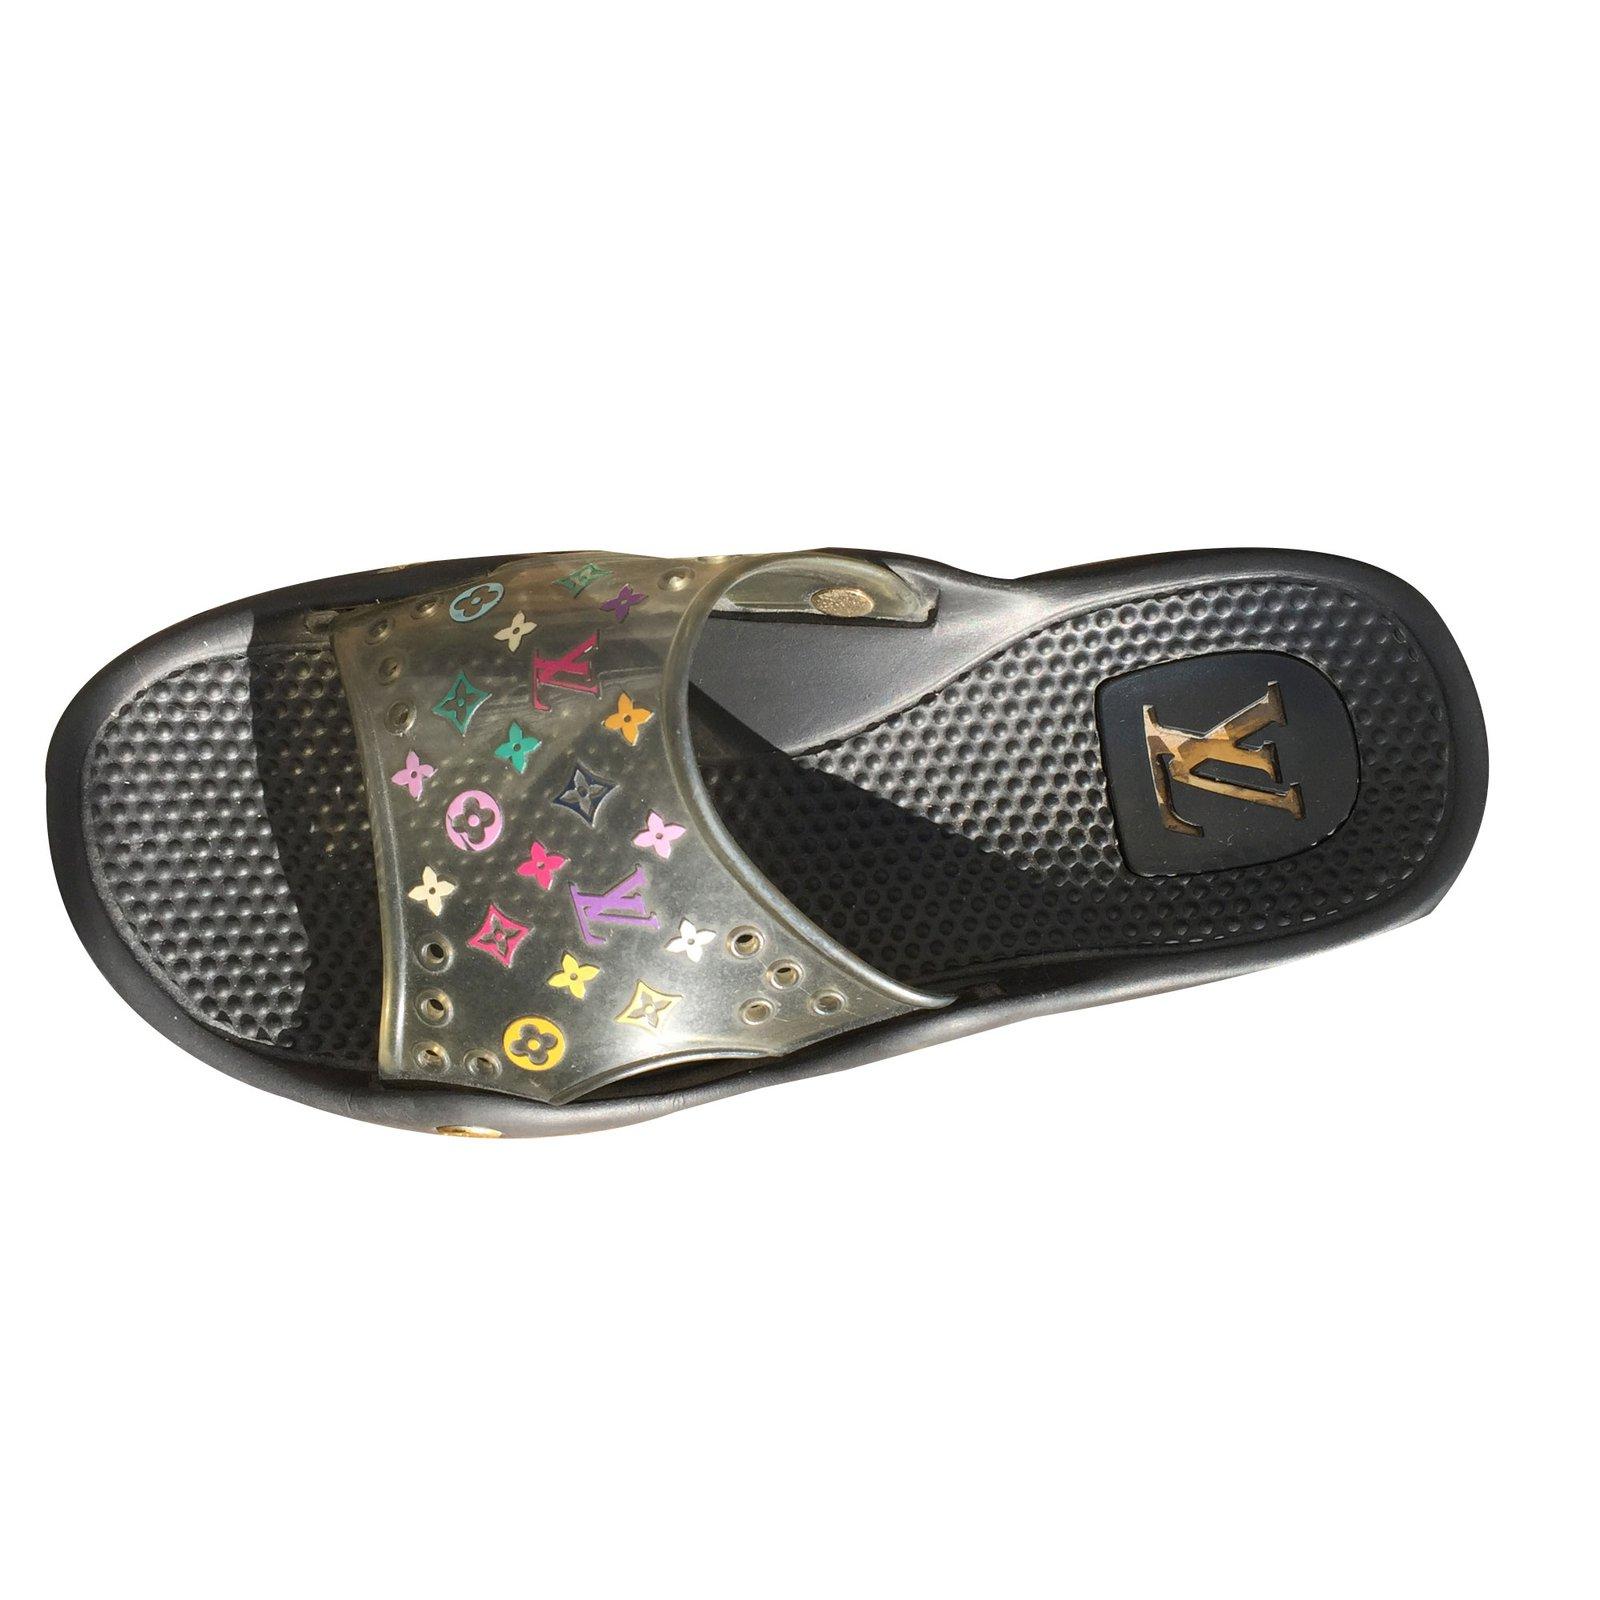 Sandale Plage/piscine Louis Vuitton concernant Sandales De Piscine